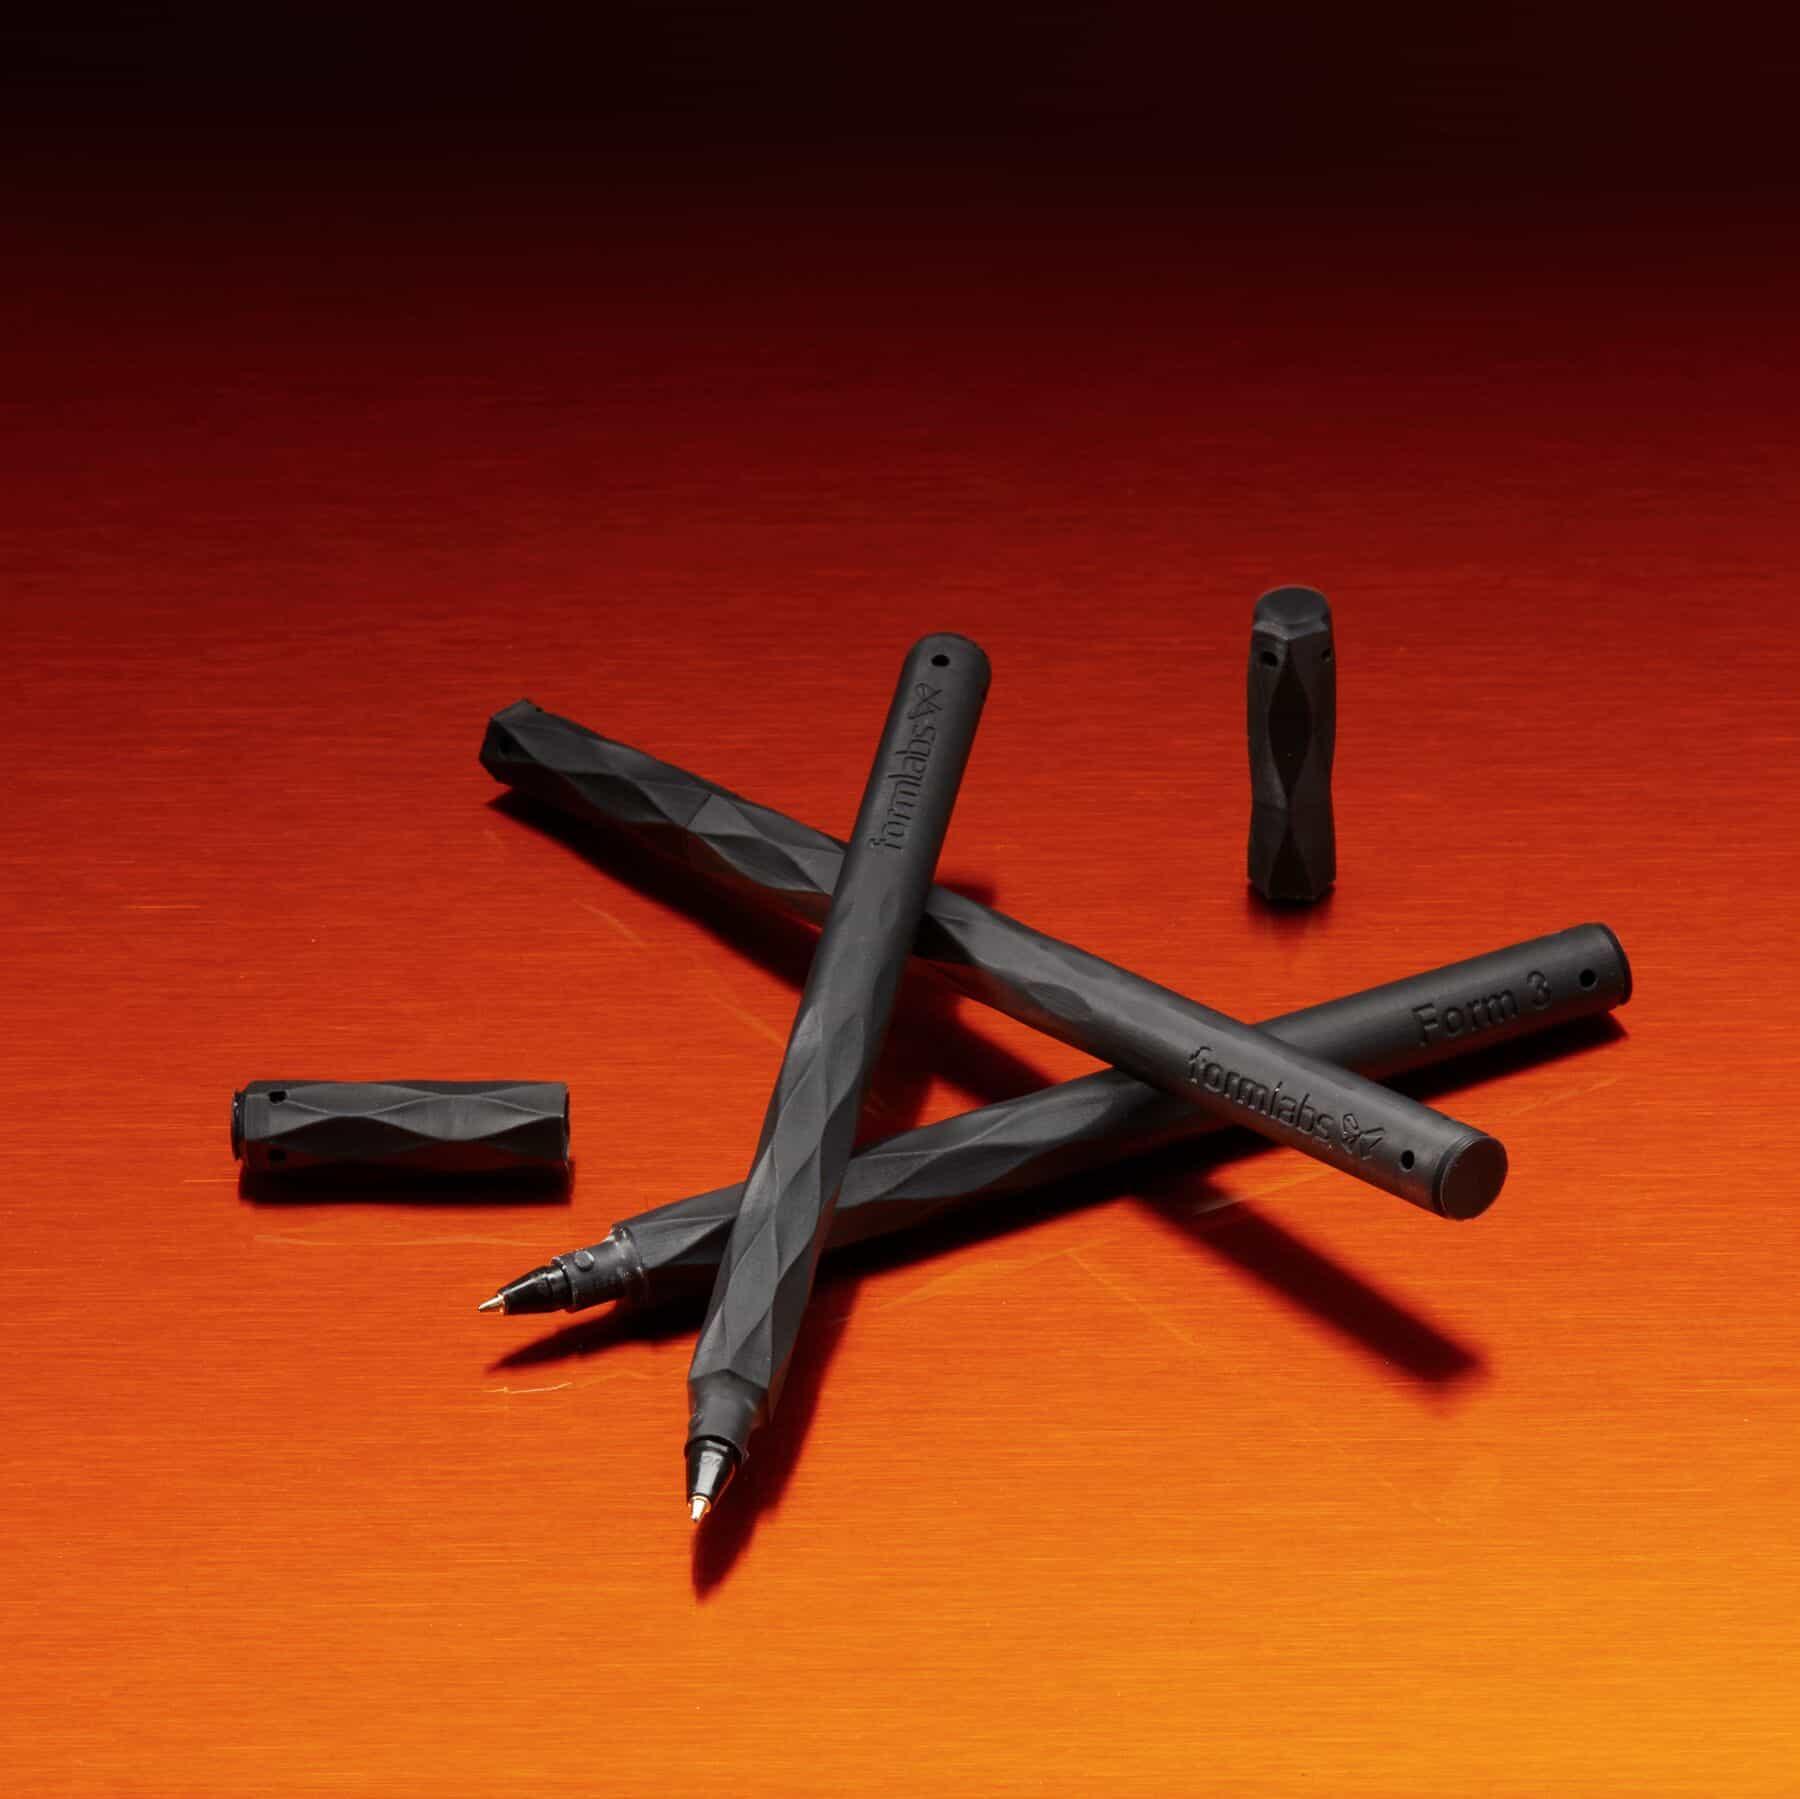 Деталь из Black Resin - ручка